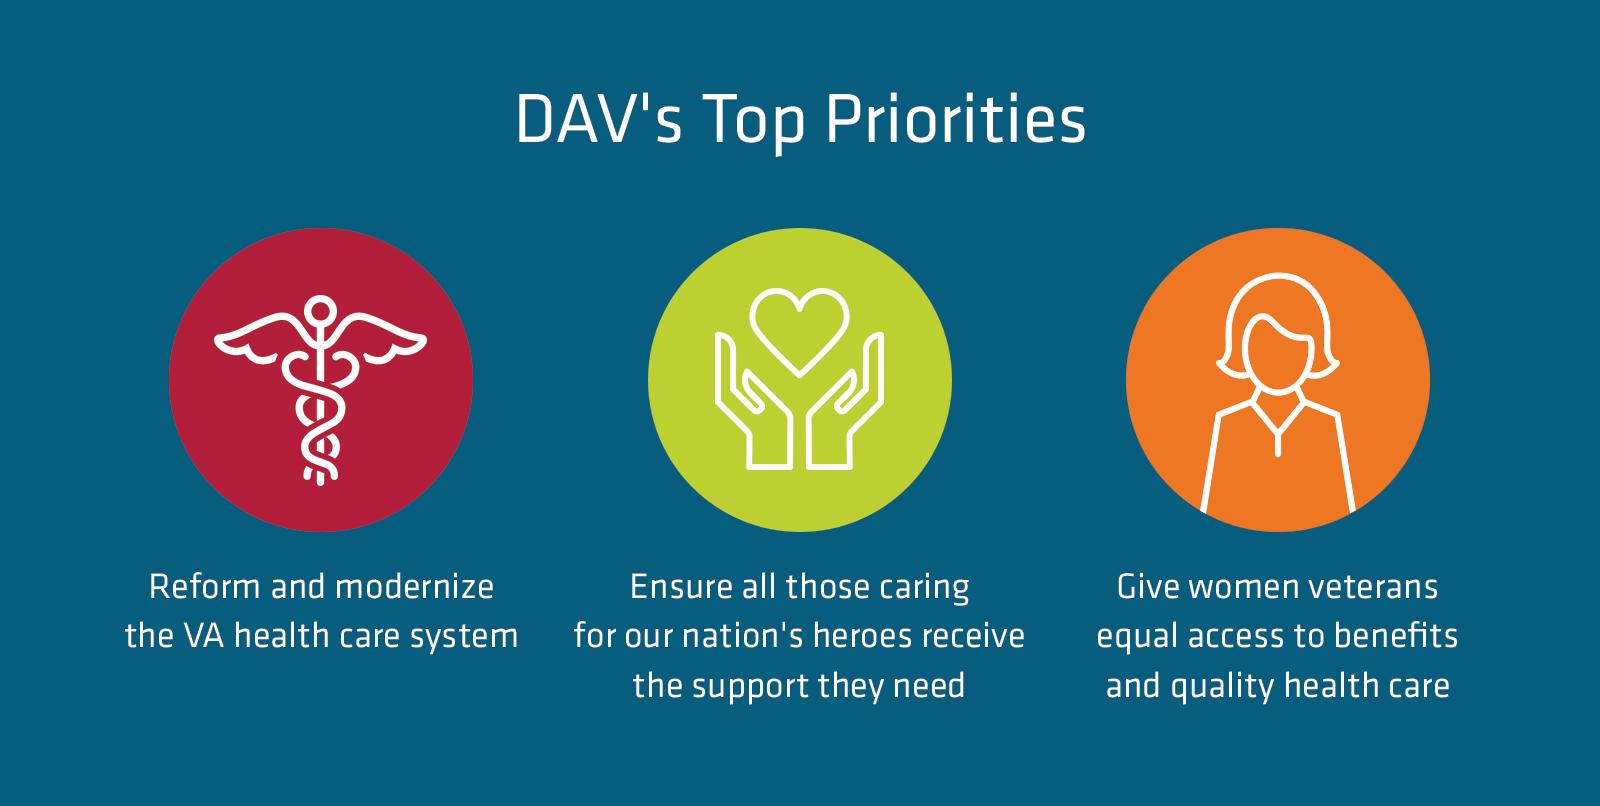 DAV's Top Priorities